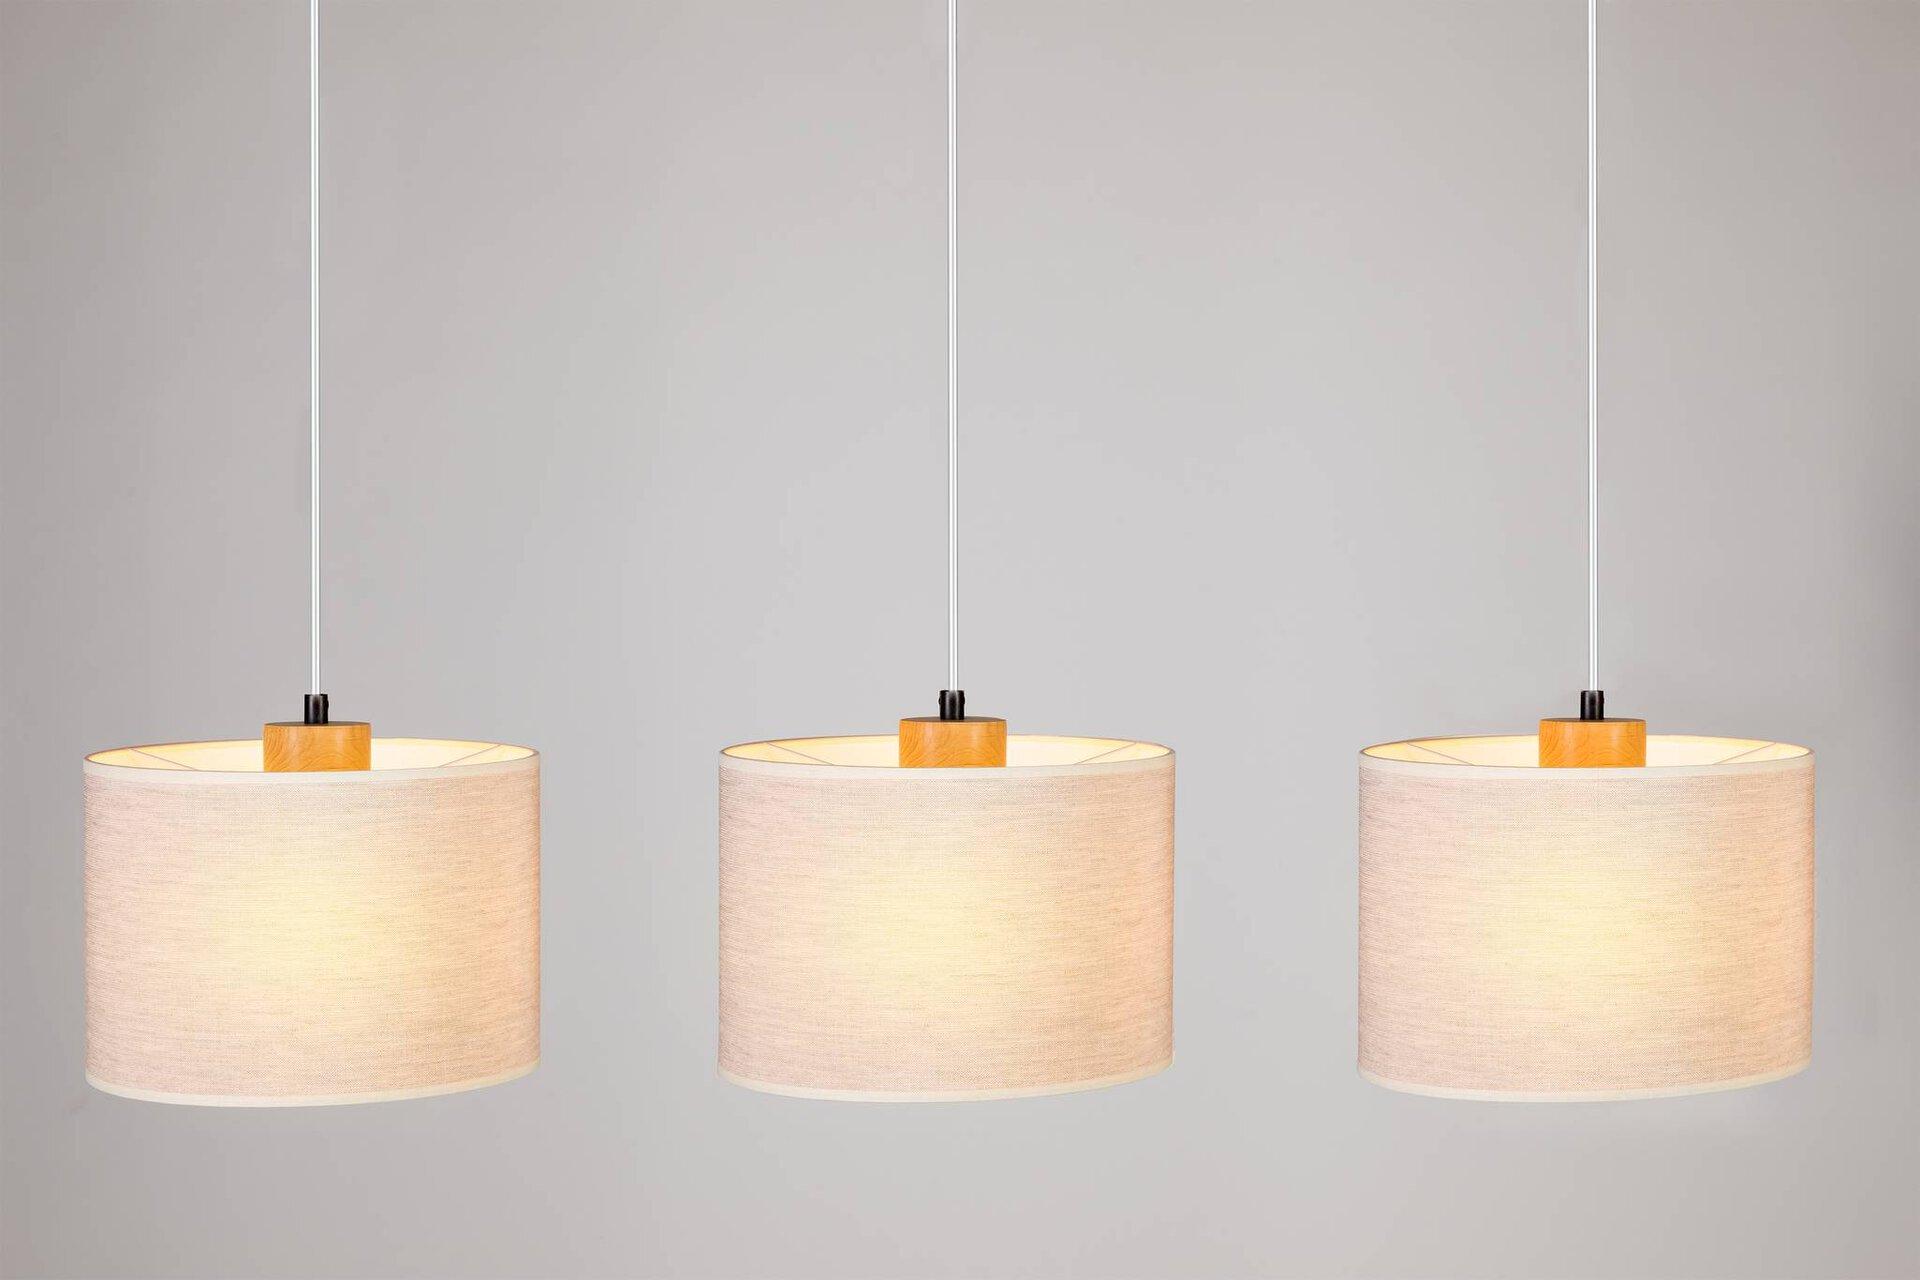 Hängeleuchte BELOS MONDO Textil beige 25 x 110 x 100 cm